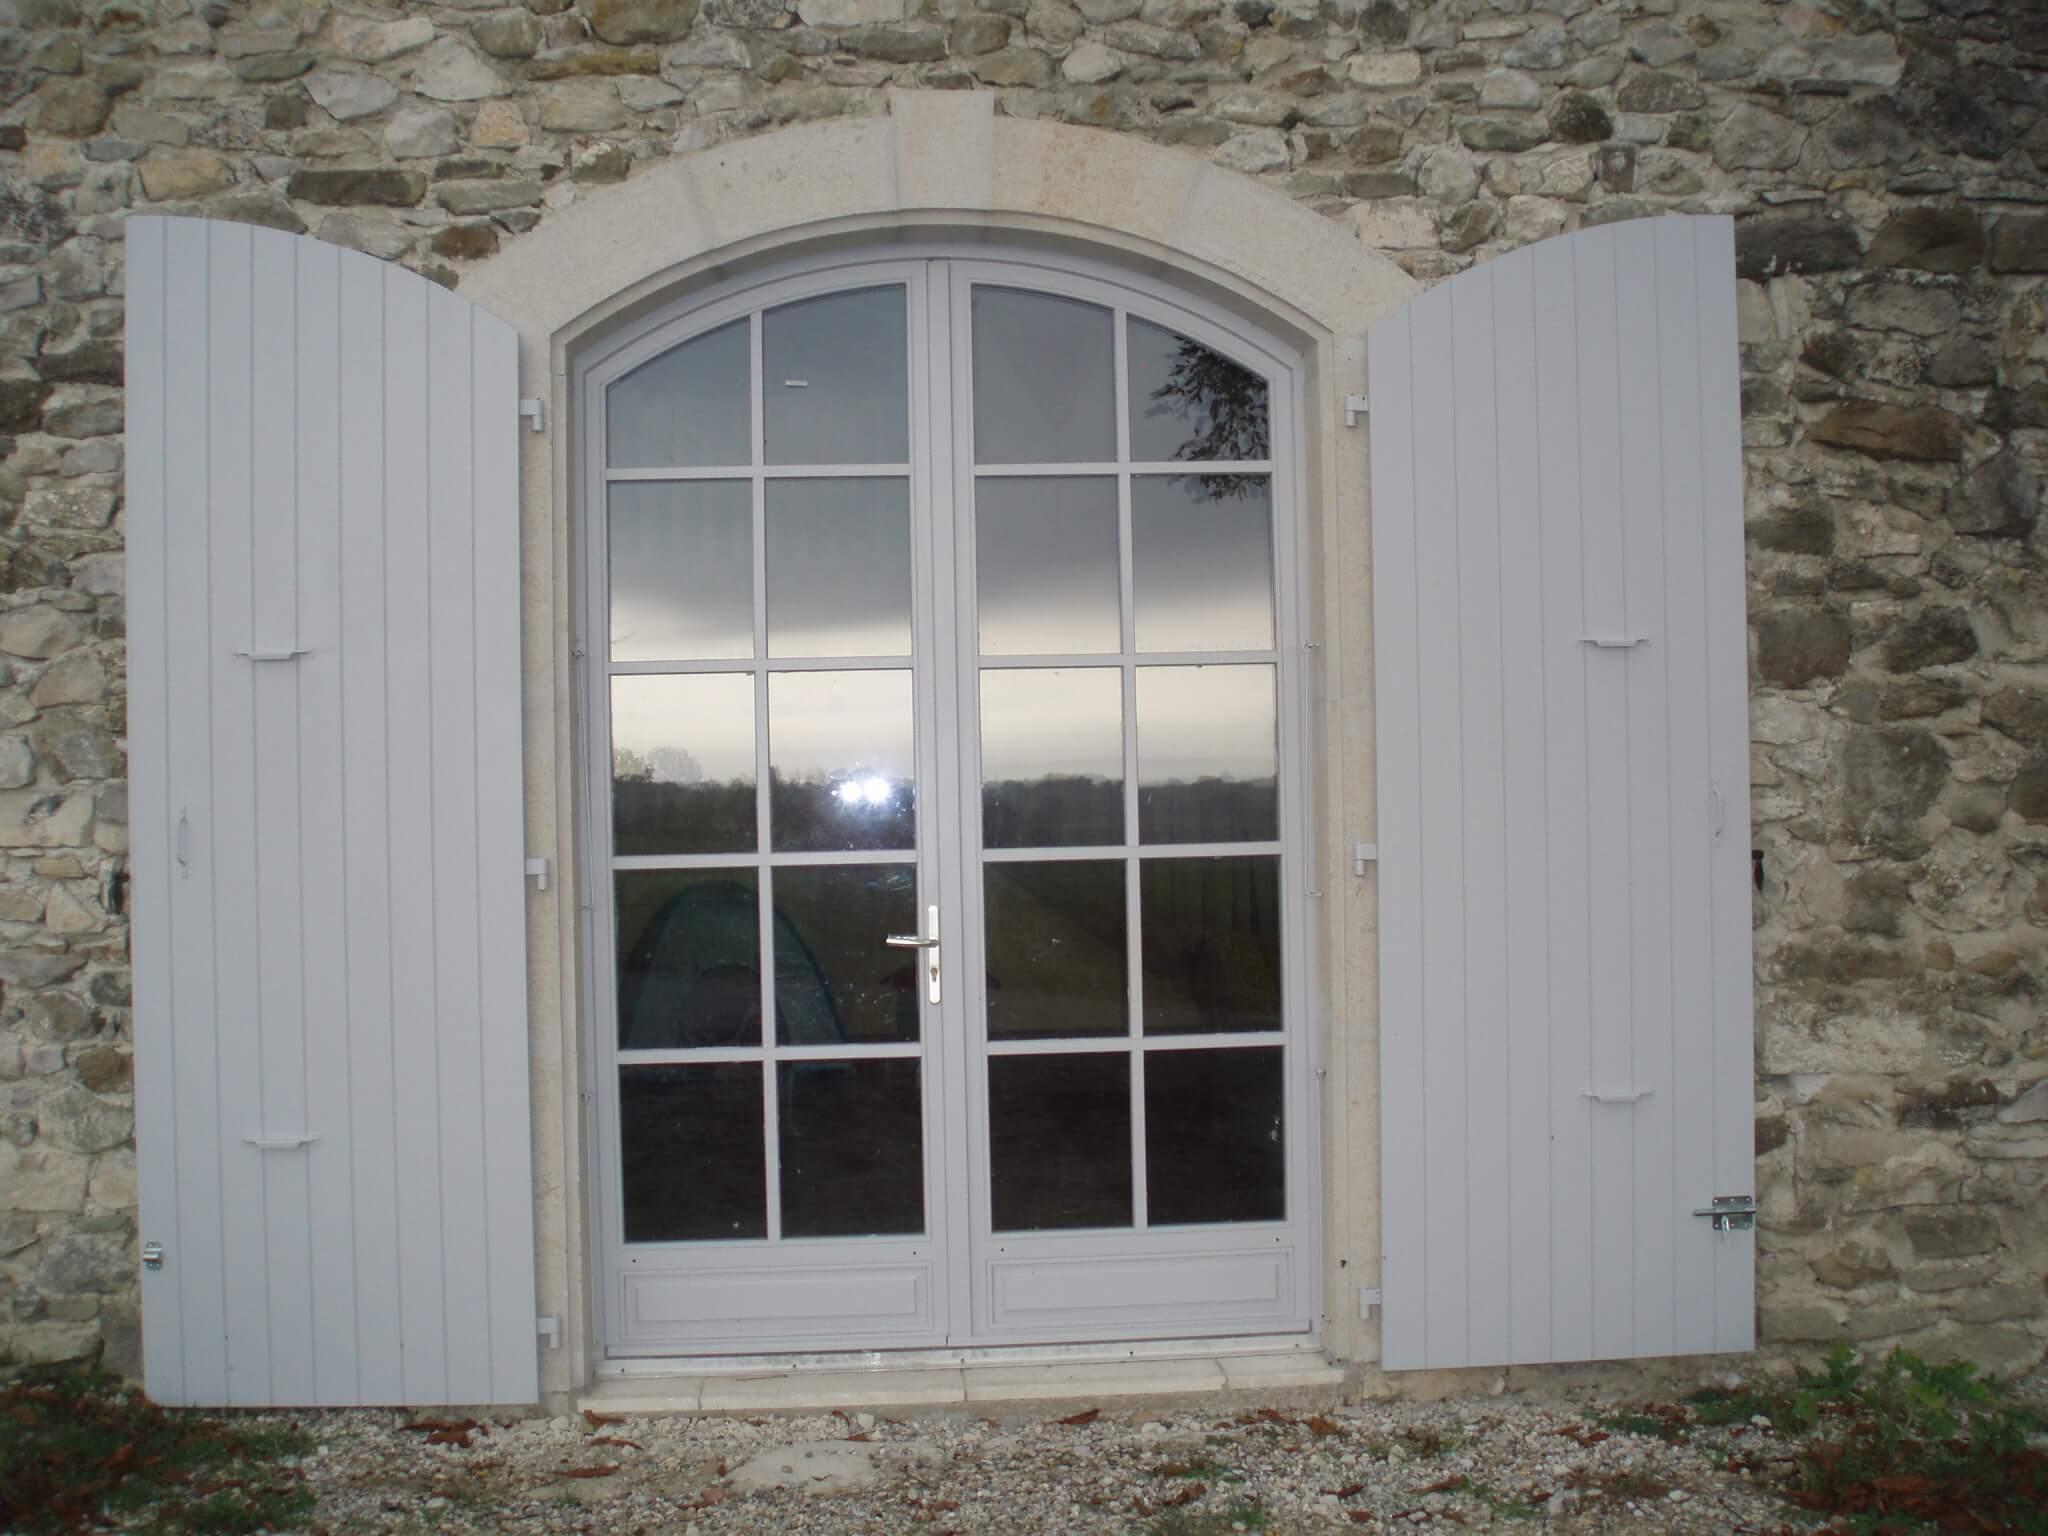 Volets porte fenêtre Crolles